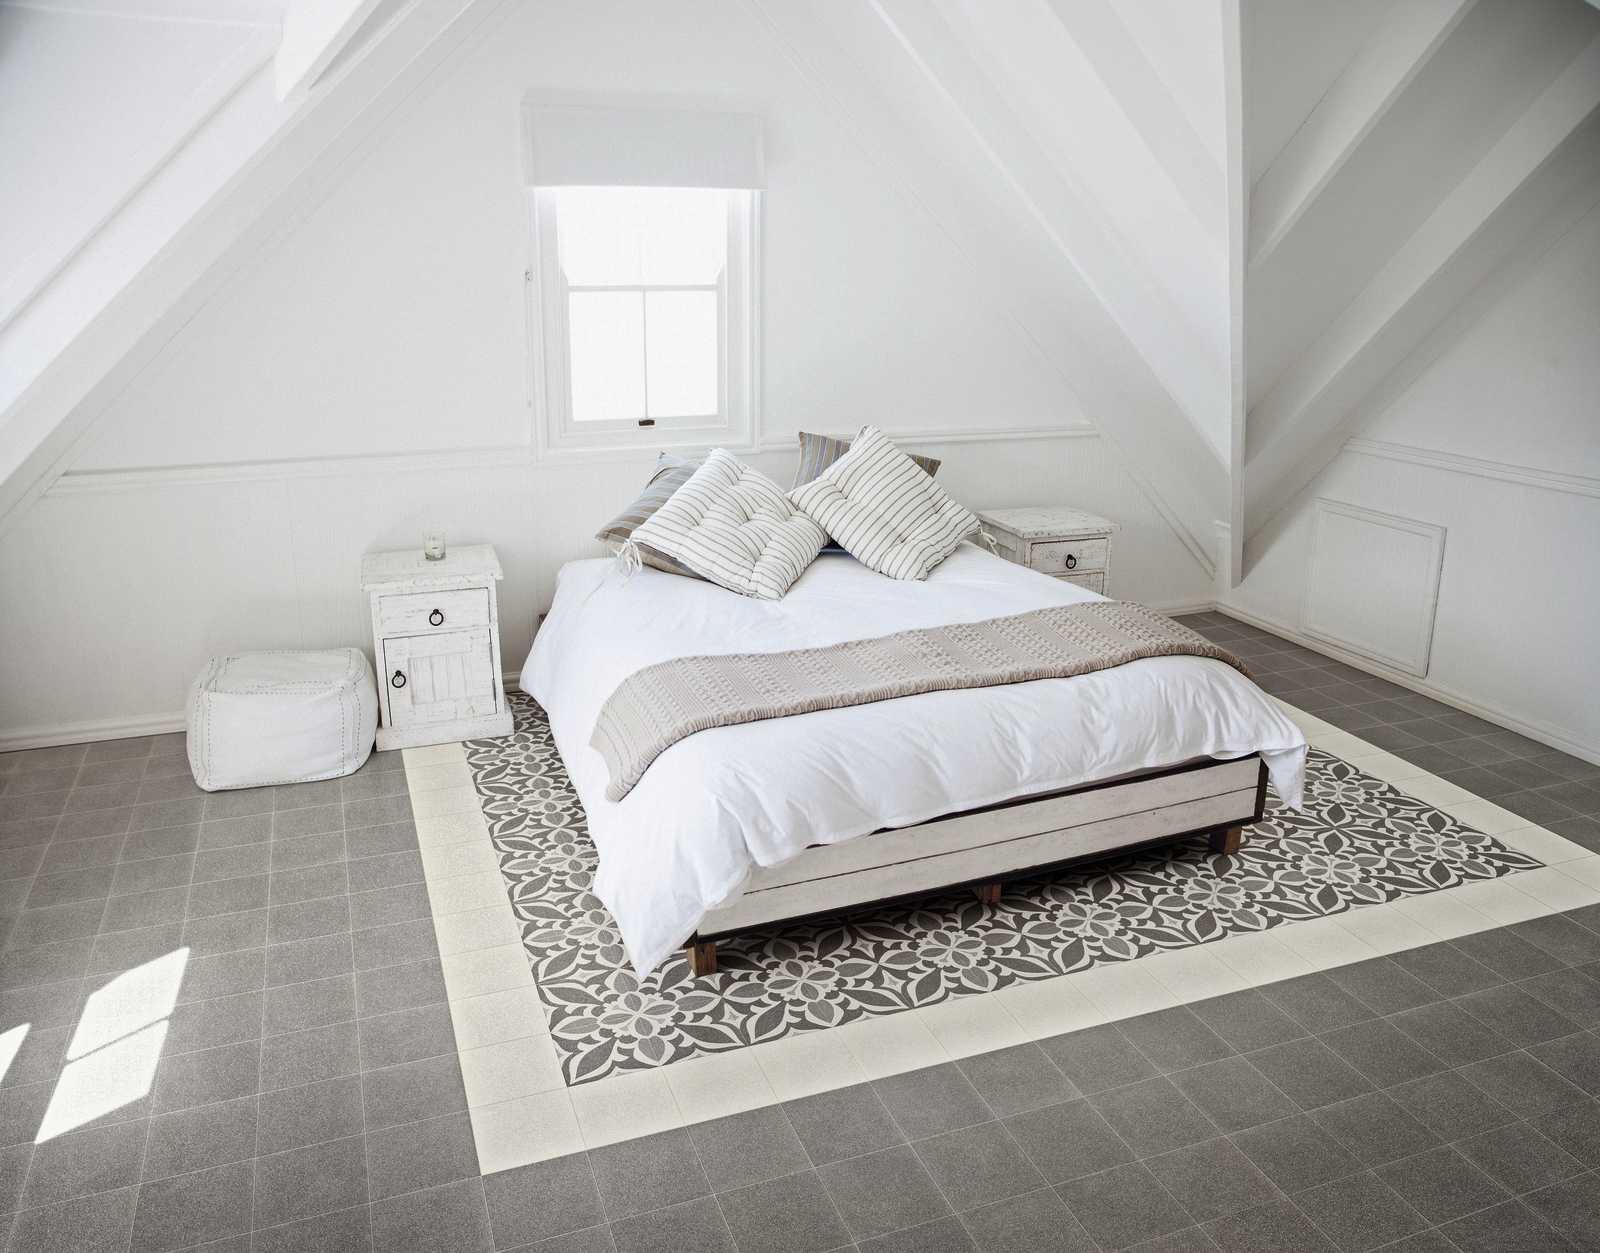 Piastrelle camera da letto ceramica per la zona notte ragno